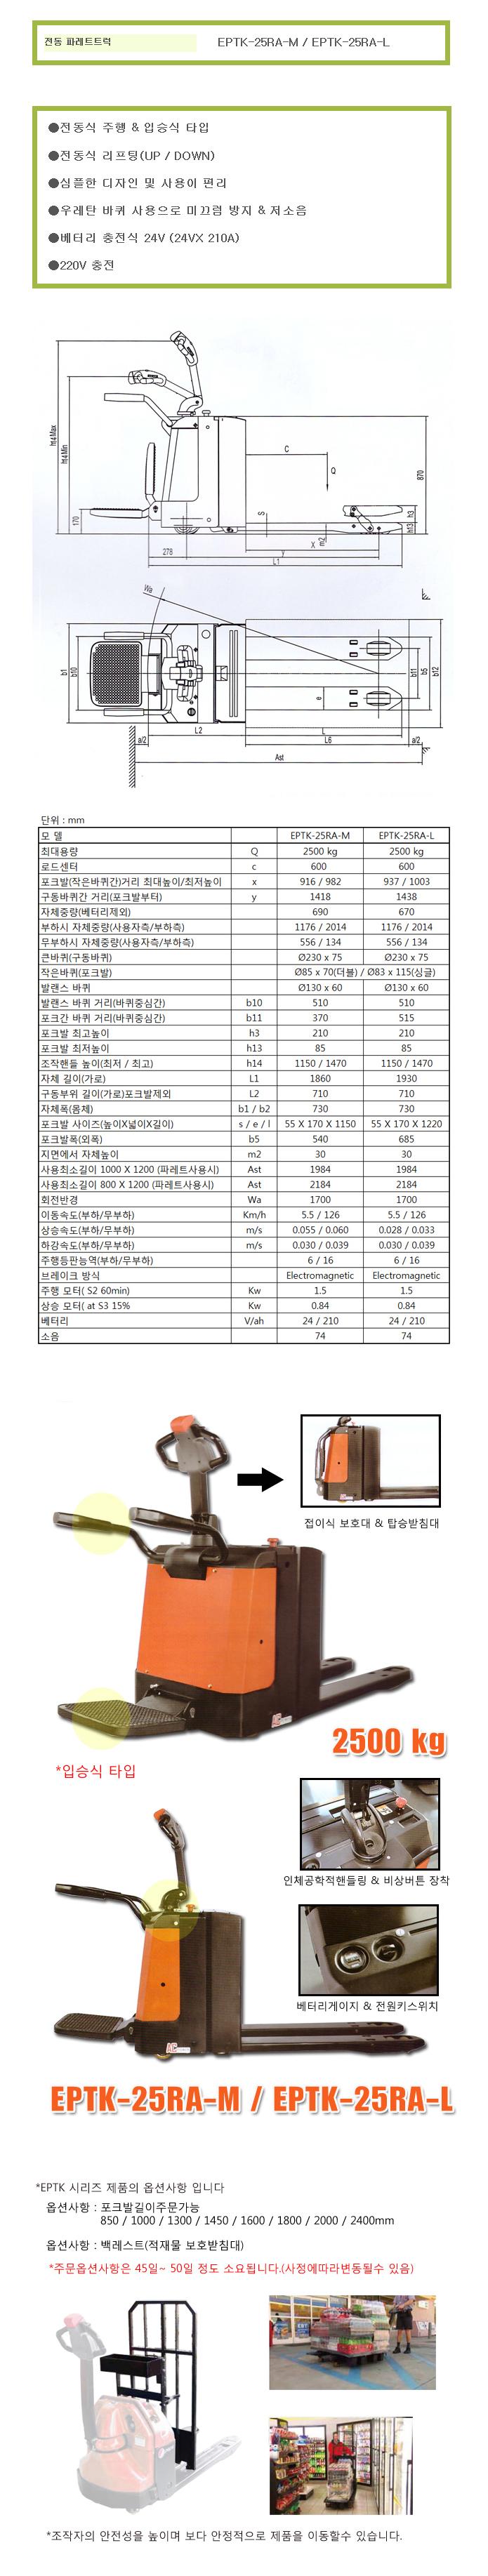 (주)쌍용리프트 입승식 전동 핸드파렛트럭 (상승,주행) EPTK-25RA-M / EPTK-25RA-L